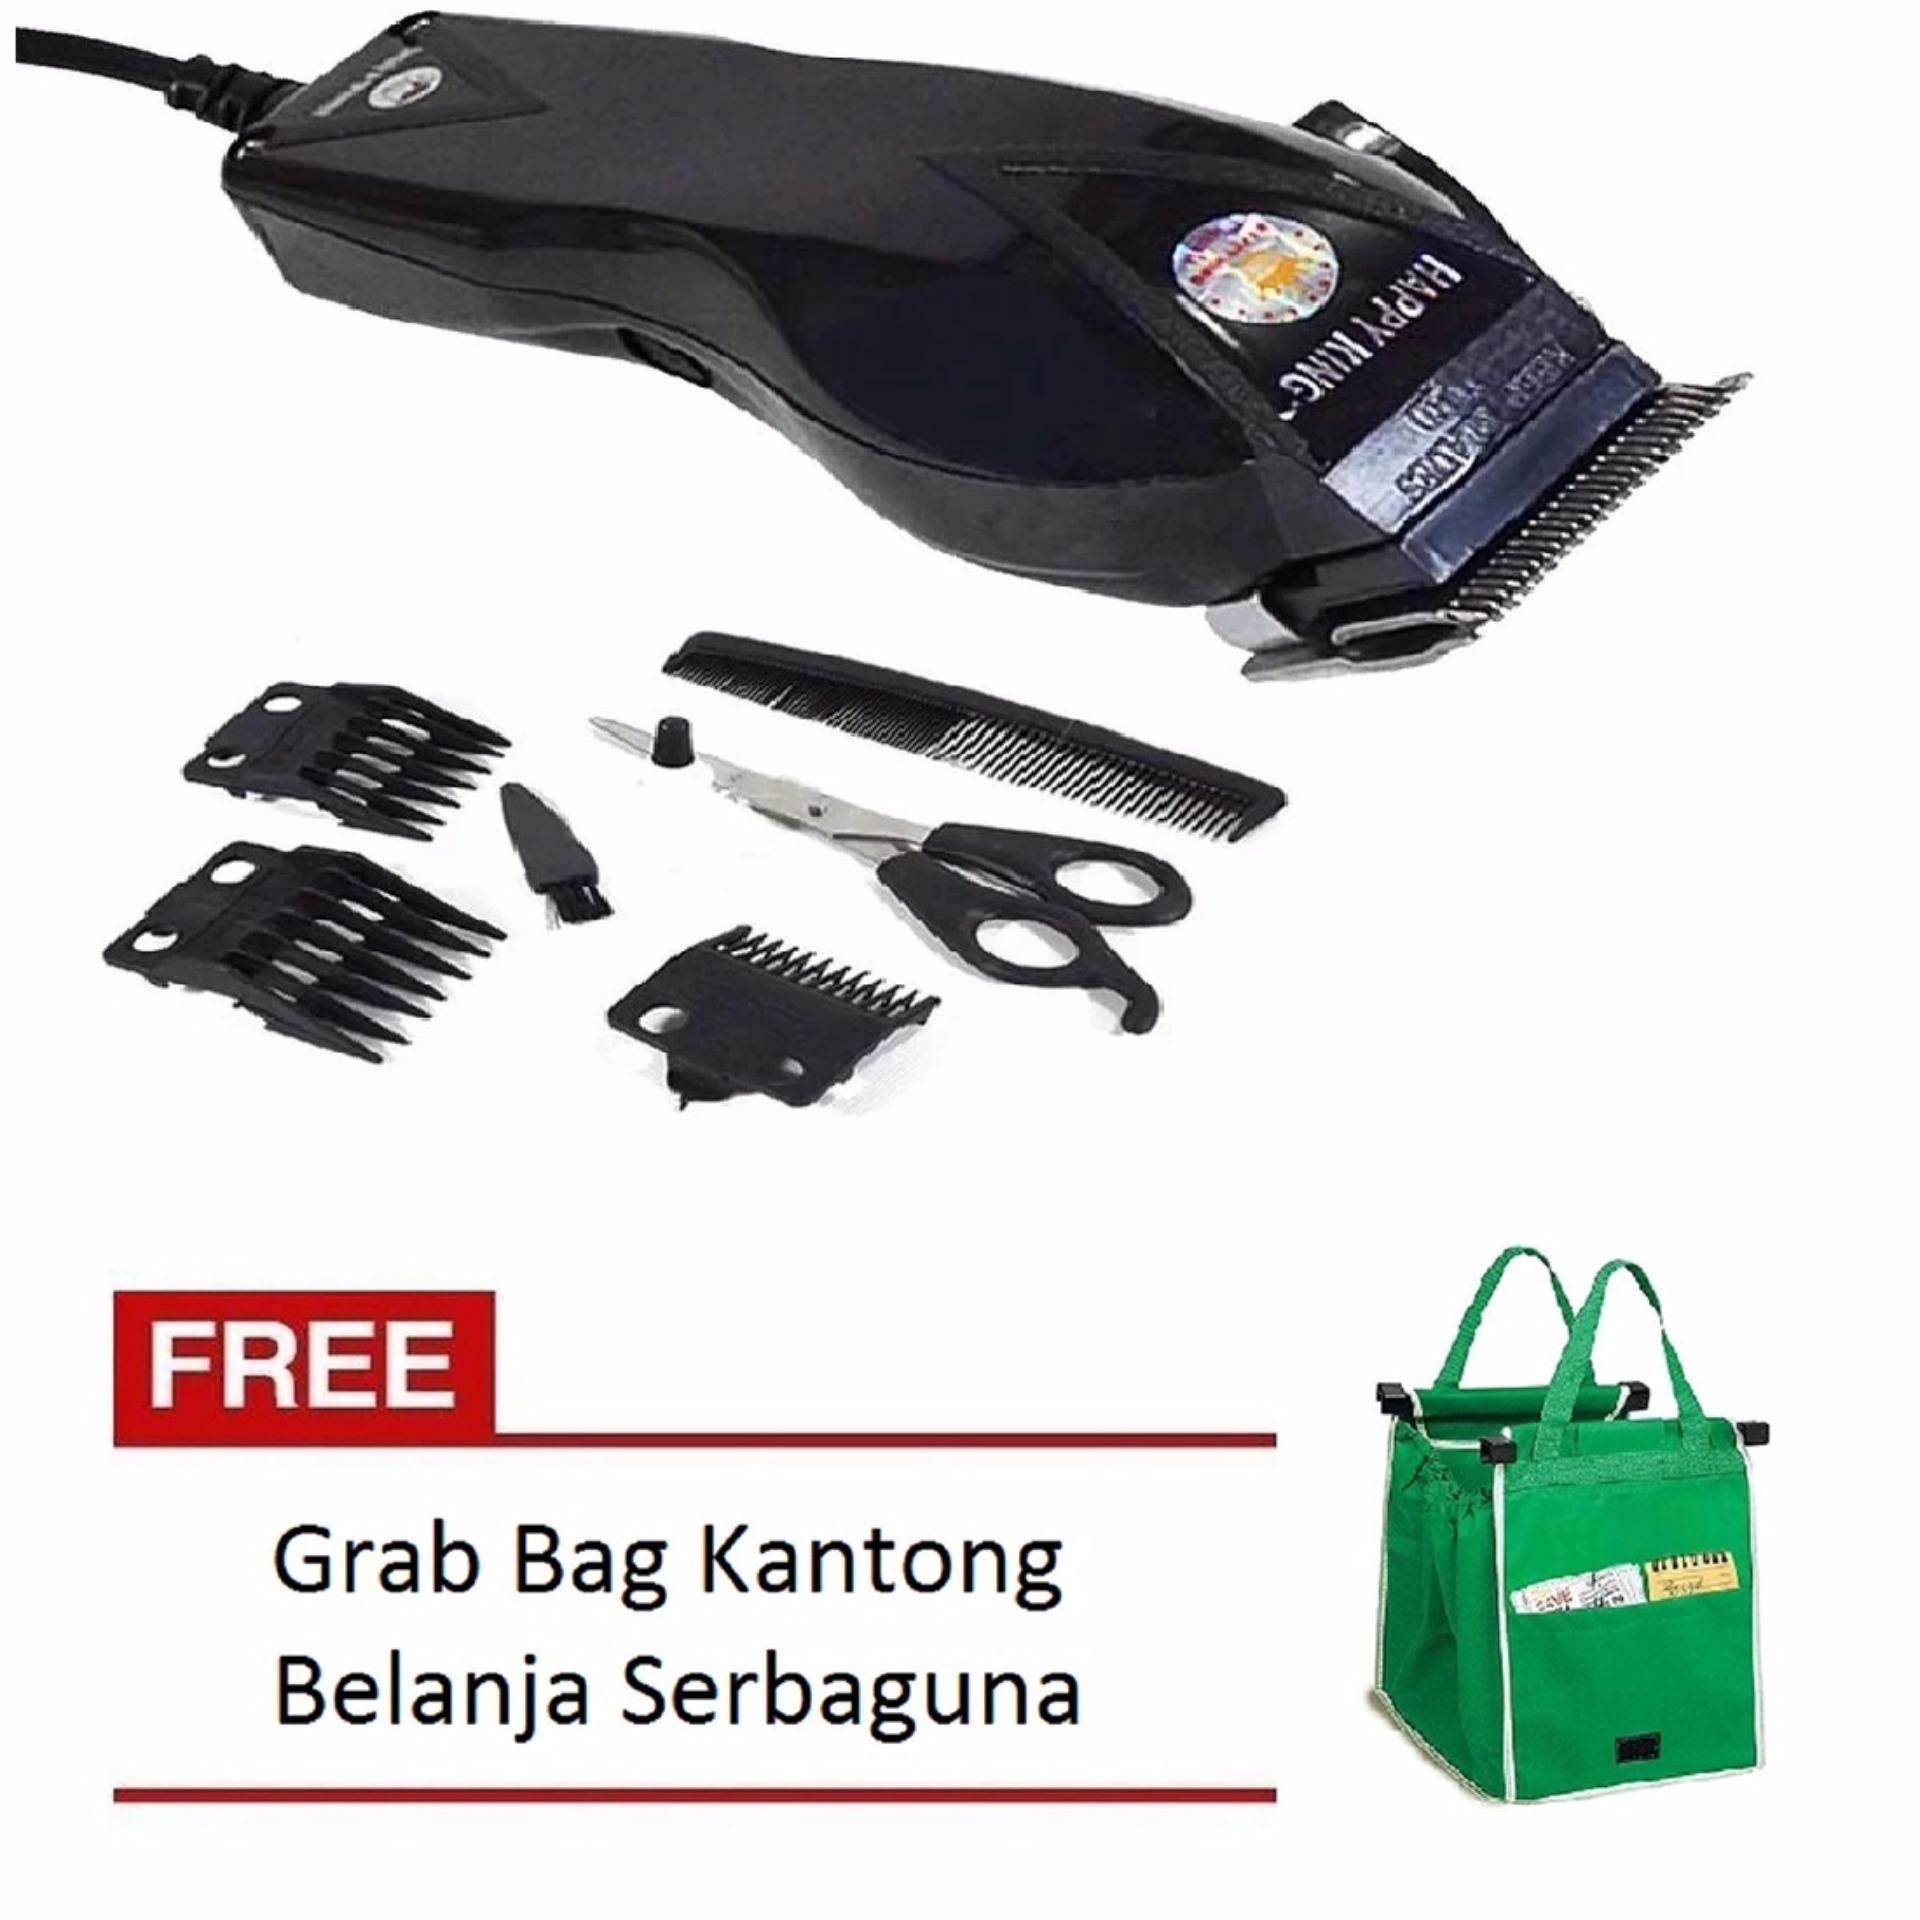 Toko Indonesia Perbandingan Harga I Am King 27 05 18 Alat Cukur Rambut Happy Hk 900 Clipper Trimer Professional Hair Trimmer Mesin Hitam Free Grab Bag